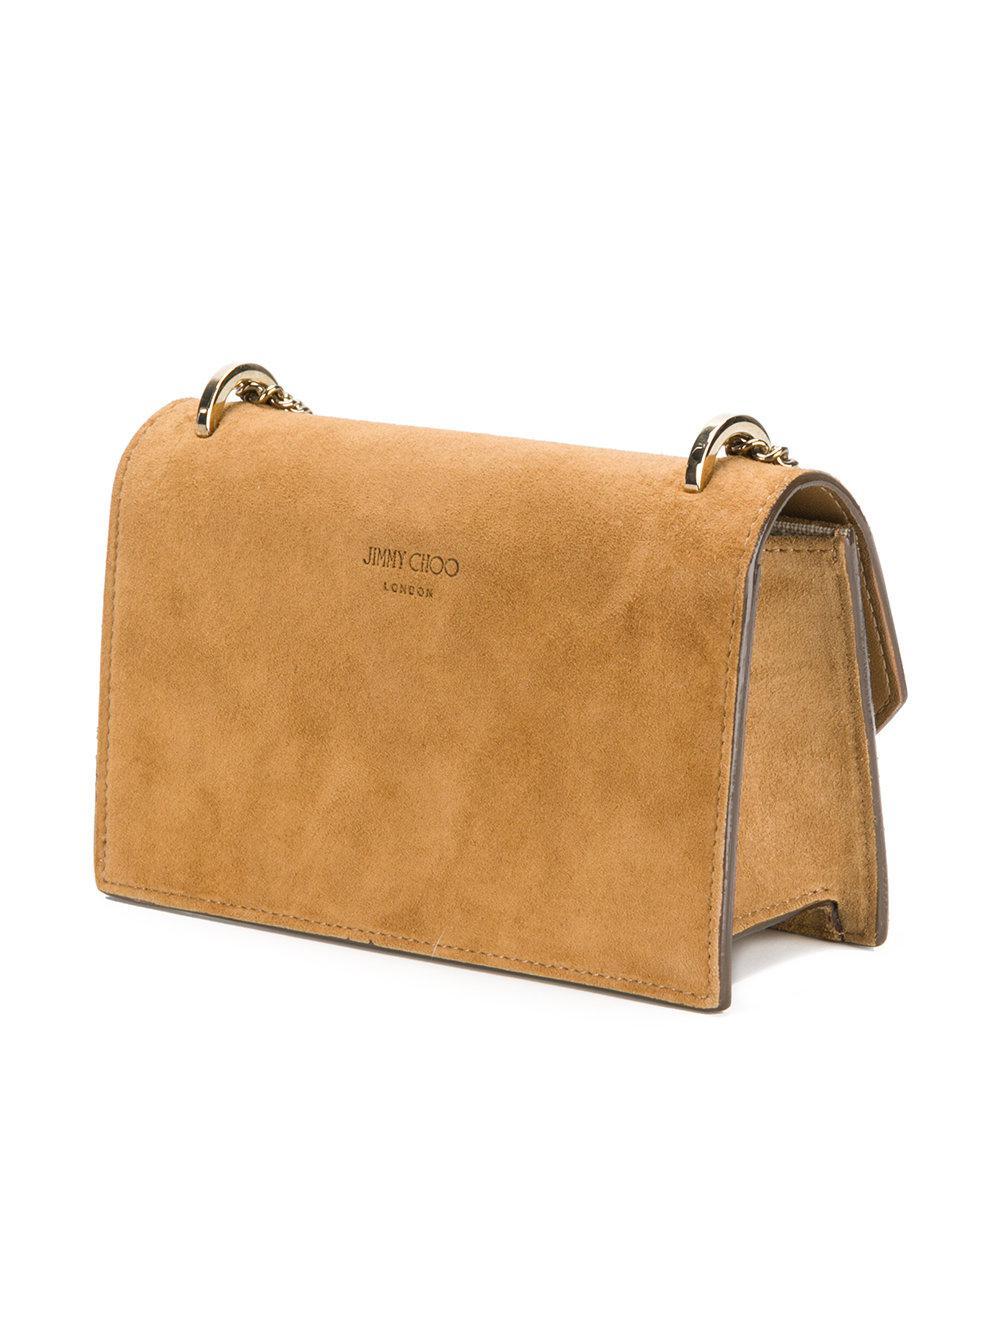 Jimmy Choo Suede Mini Finley Crossbody Bag in Brown